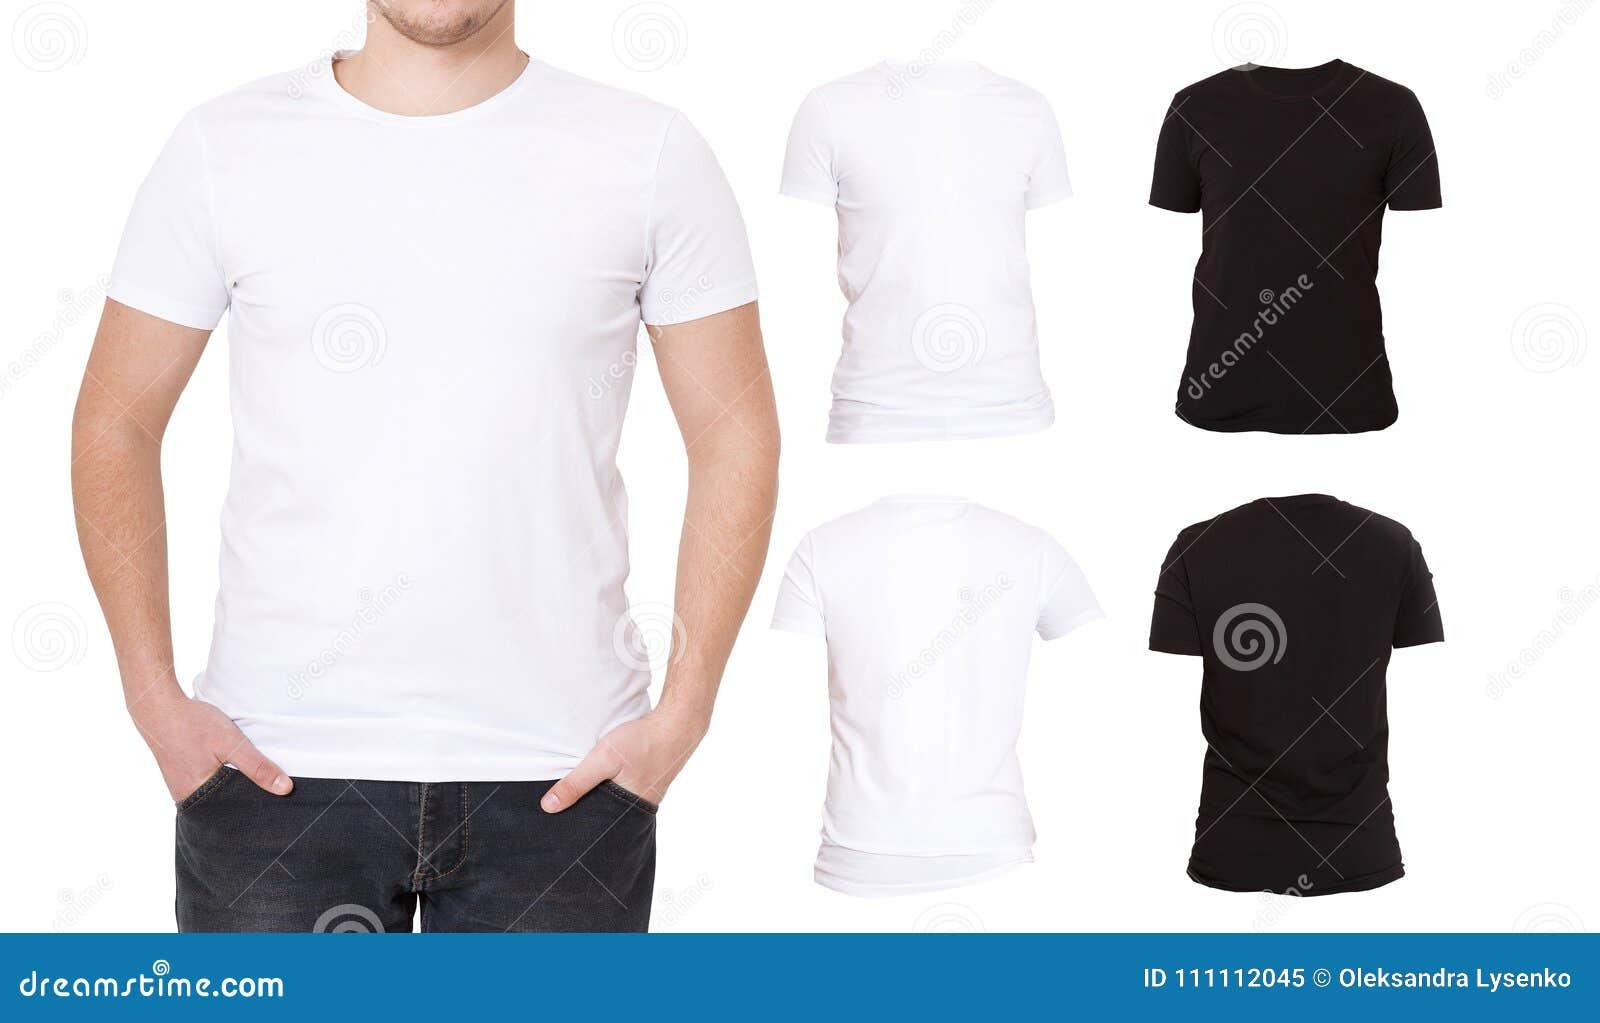 Skjortor för collage T Svart vit Framdel- och baksidasiktsskjorta mall Isolerad makrotshirtuppsättning Tom bakgrundsadvertizing